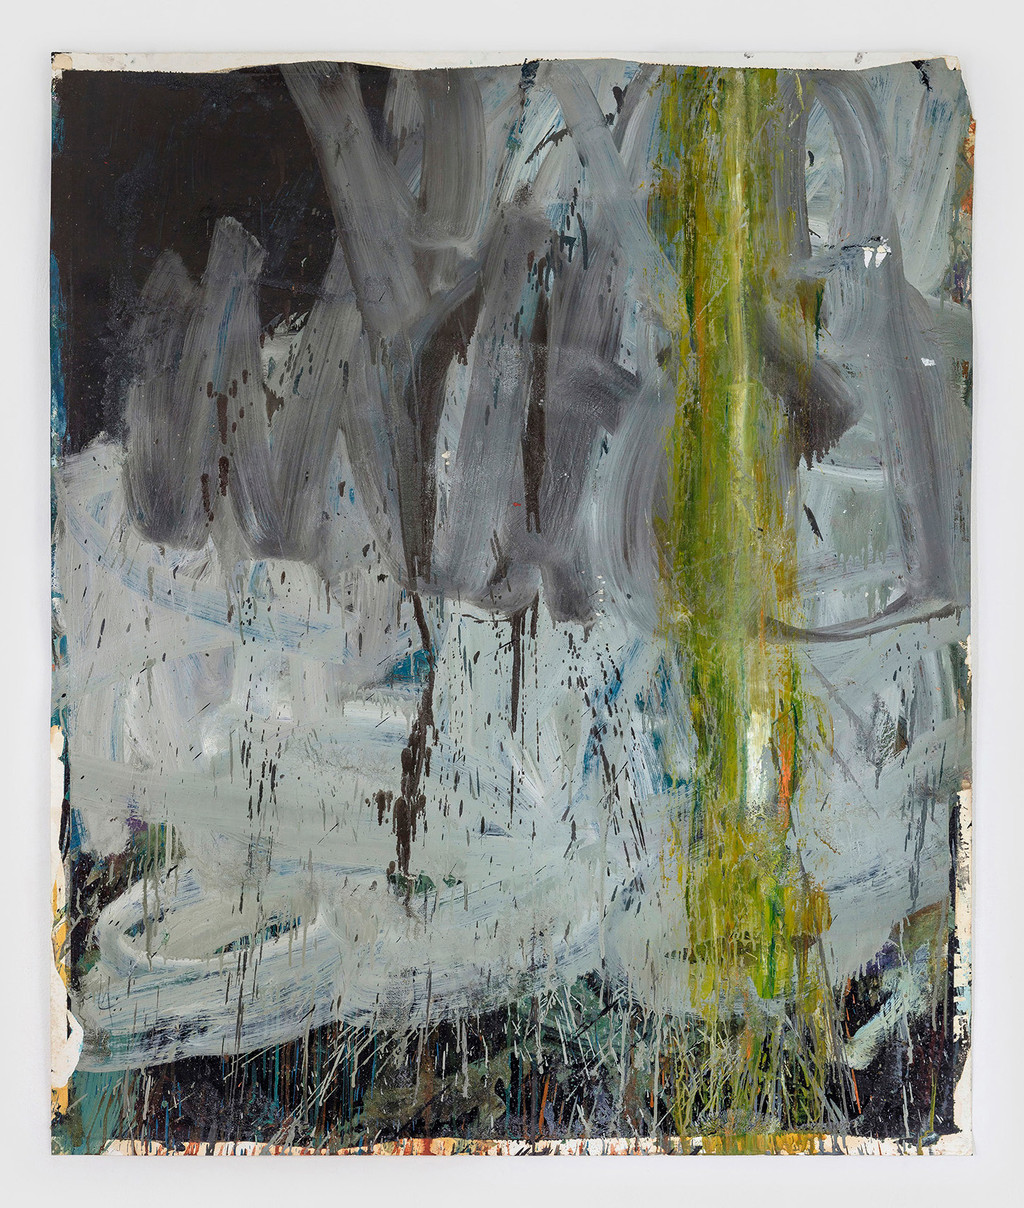 sem título óleo e esmalte sobre tela 151x125cm